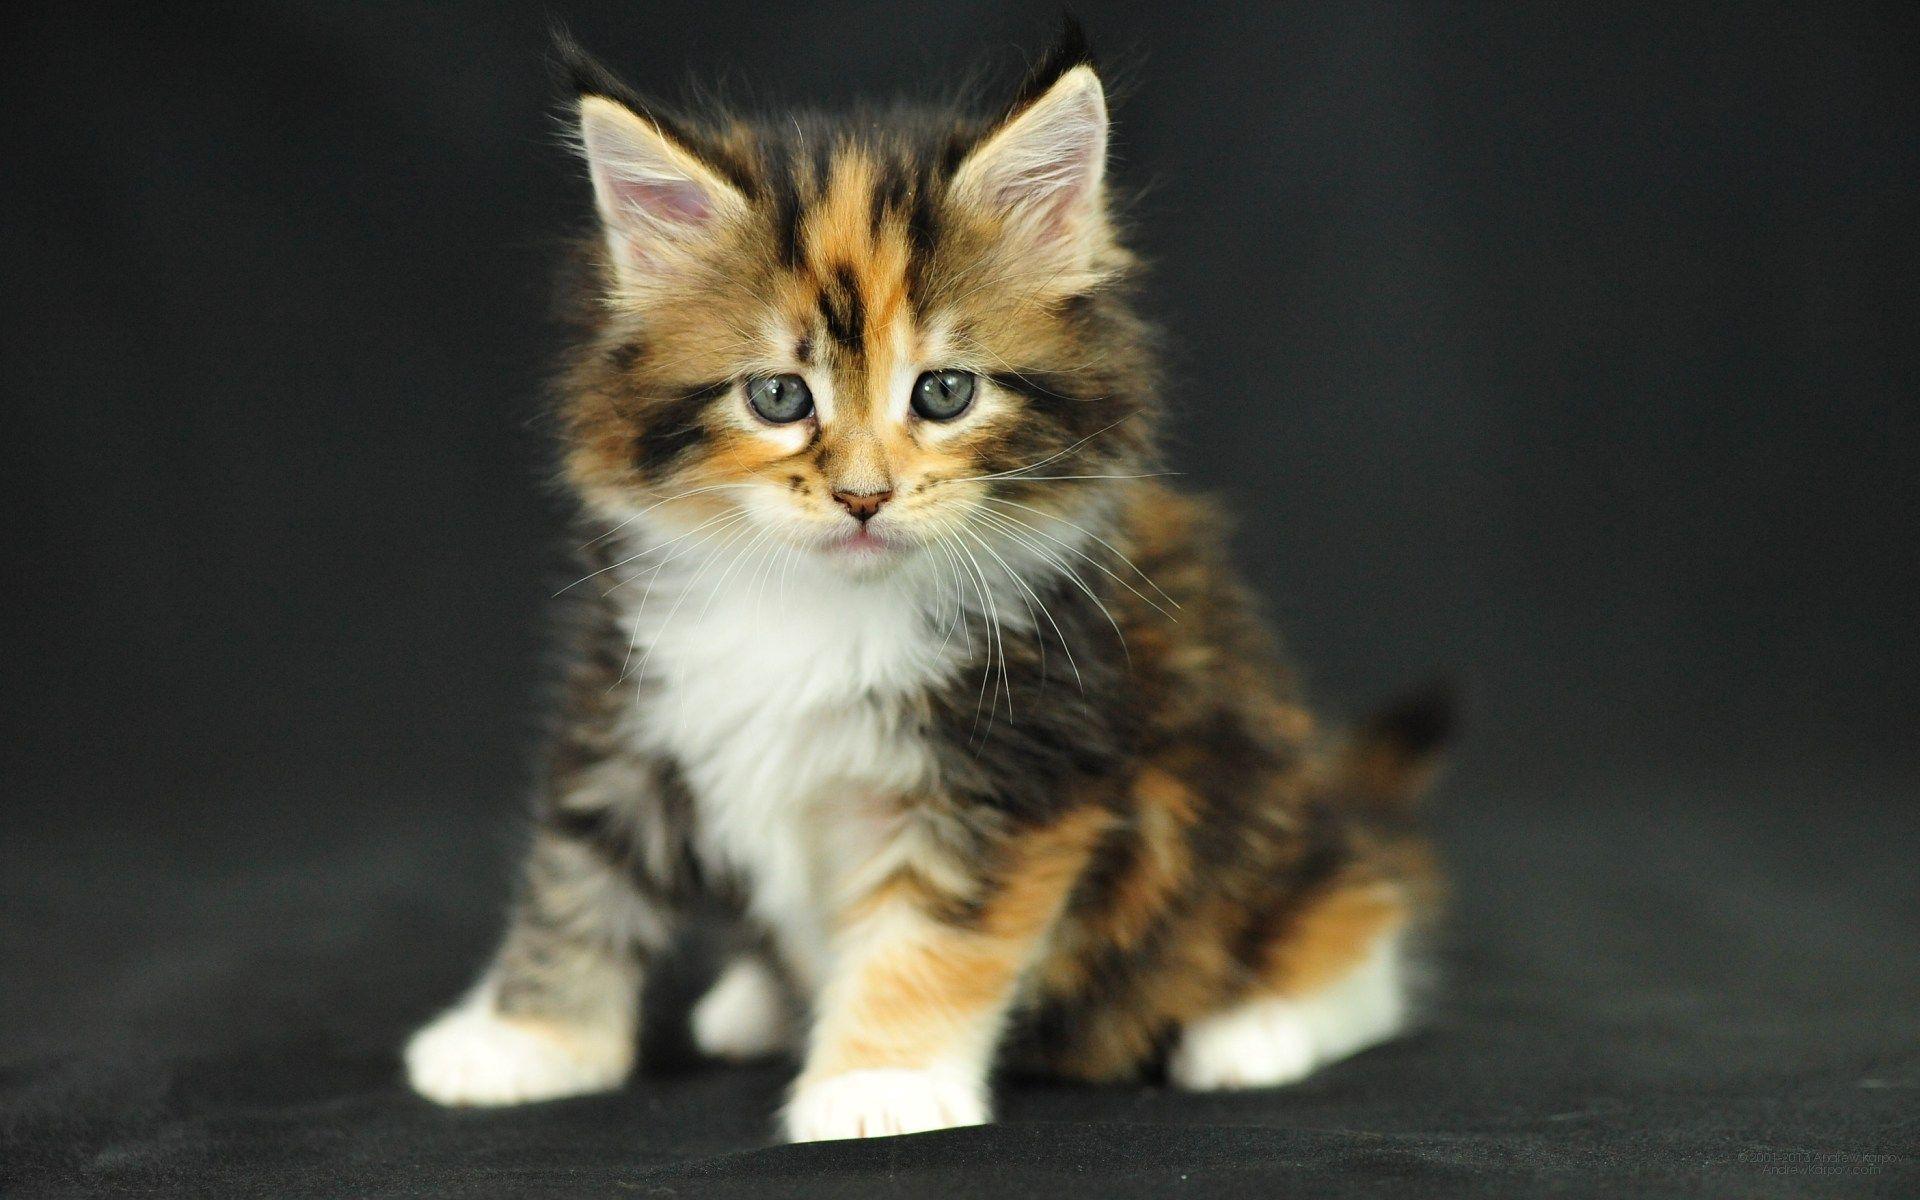 Maine Coon Cat Kitten | Cute Kittens | Pinterest | Cats ... - photo#2